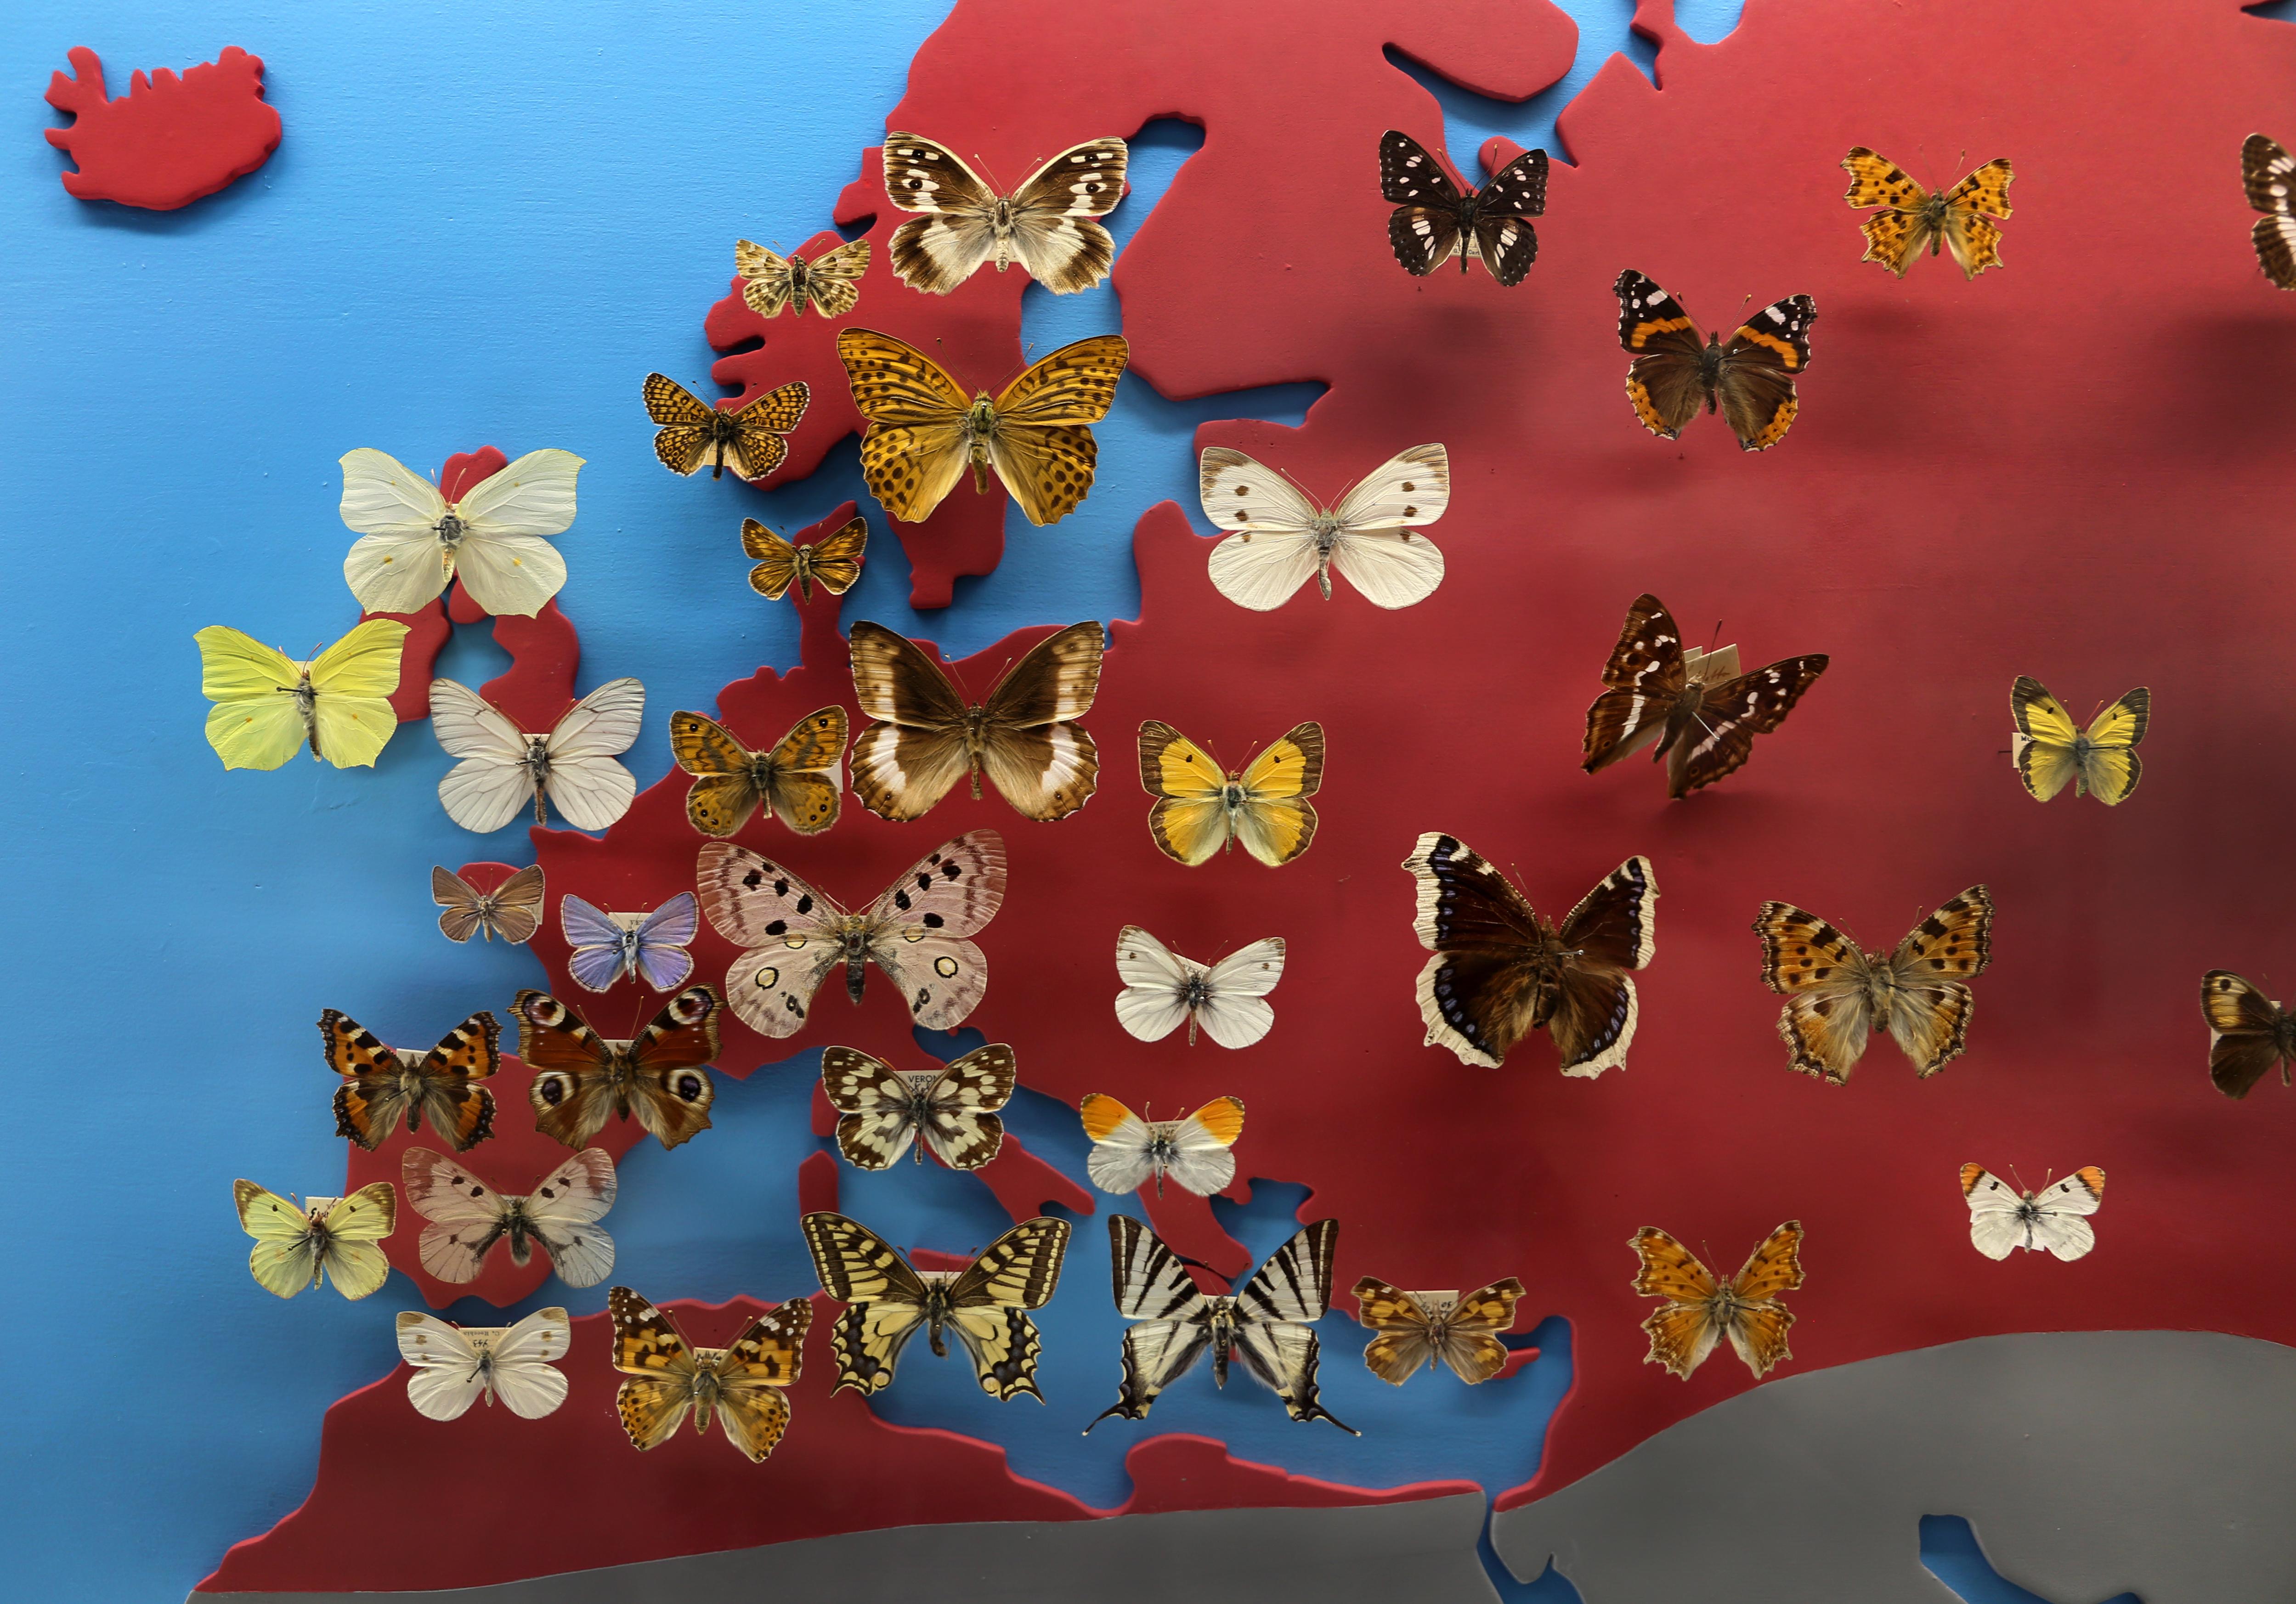 Cartina Mondo Wiki.File Cartina Geografica Con La Presenza Di Farfalle Nelle Varie Zone Del Mondo Europa E Mediterraneo Jpg Wikimedia Commons